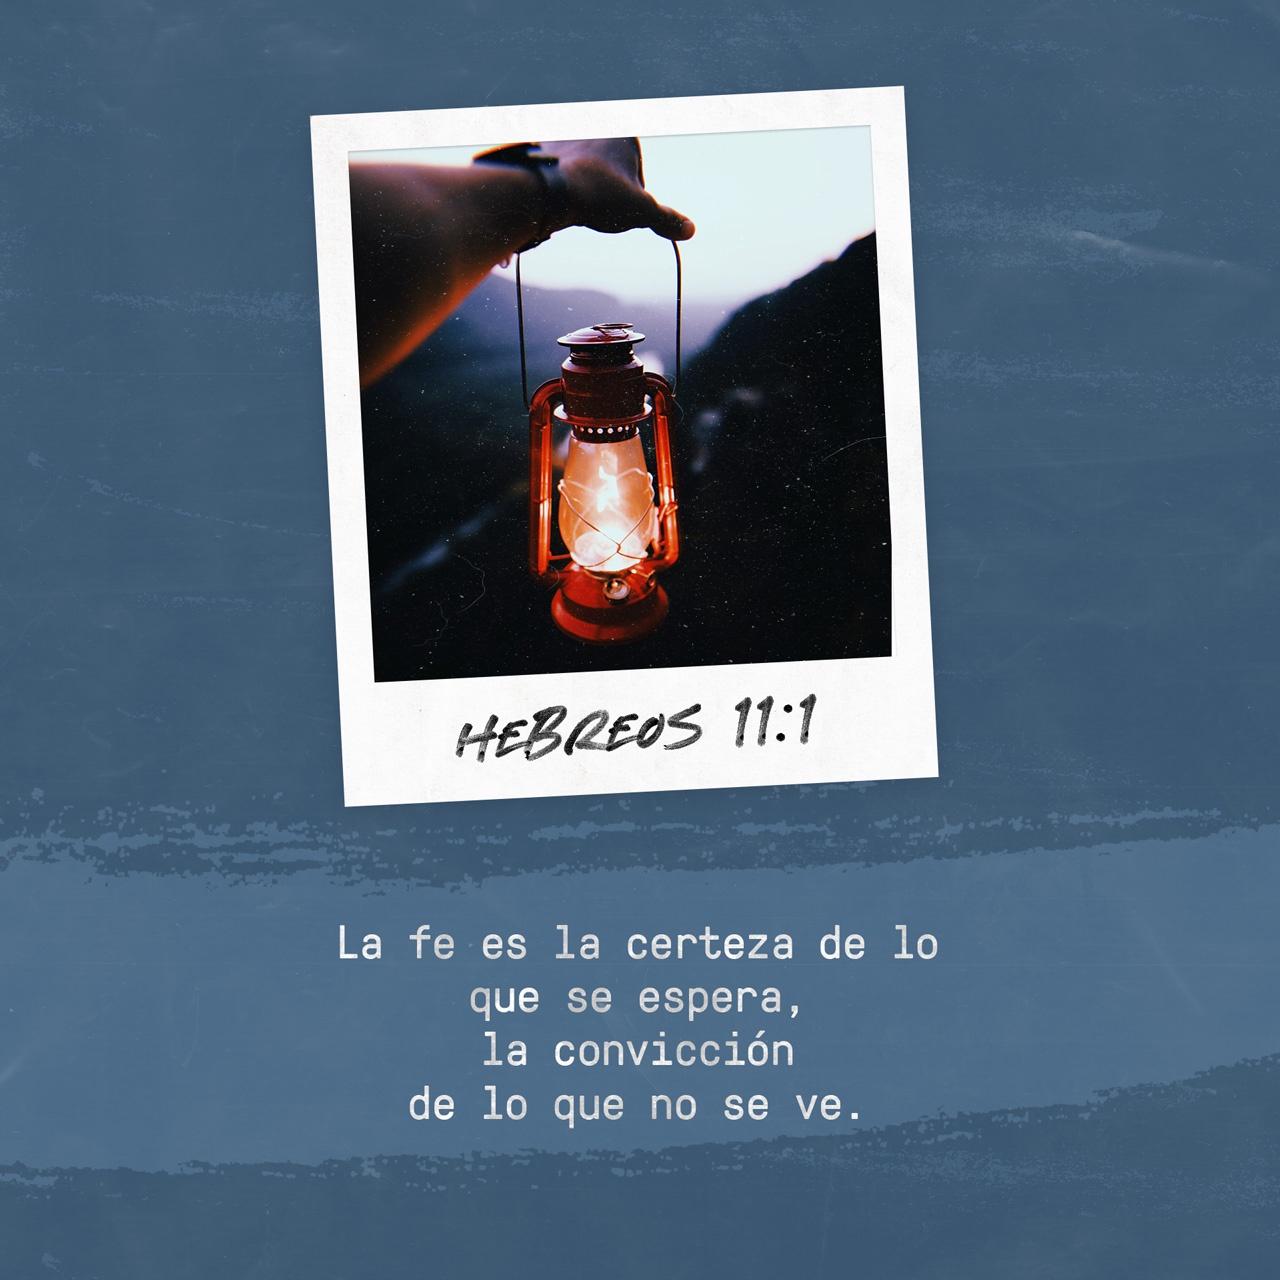 Hebreos 11:1 Confiar en Dios es estar totalmente seguro de que uno va a recibir lo que espera. Es estar convencido de que algo existe, aun cuando no se pueda ver. | Traducción en Lenguaje Actual (TLA) | Download The Bible App Now